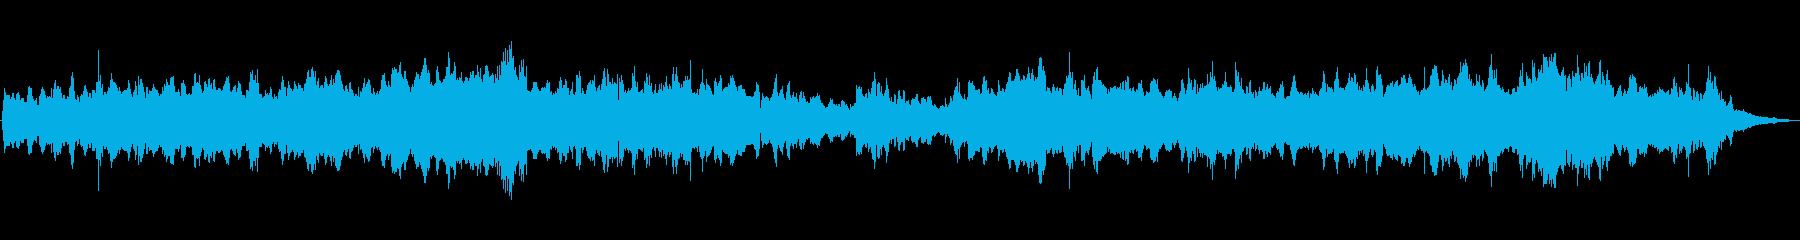 エレピのしっとりとしたバラード曲の再生済みの波形